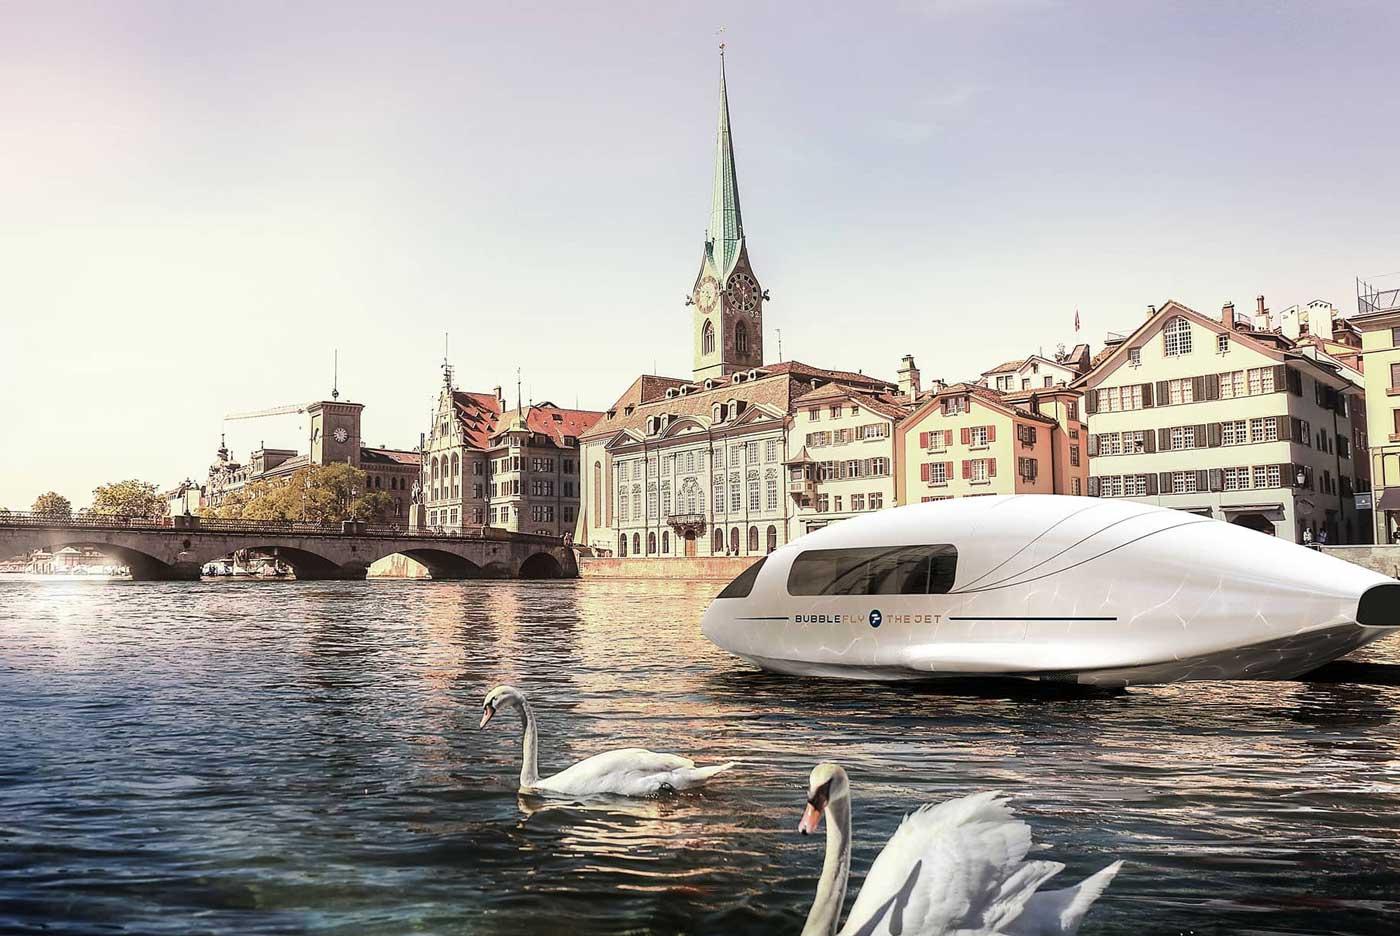 BubbleFly : Alain Thébault lève le voile sur son nouveau bateau-taxi volant